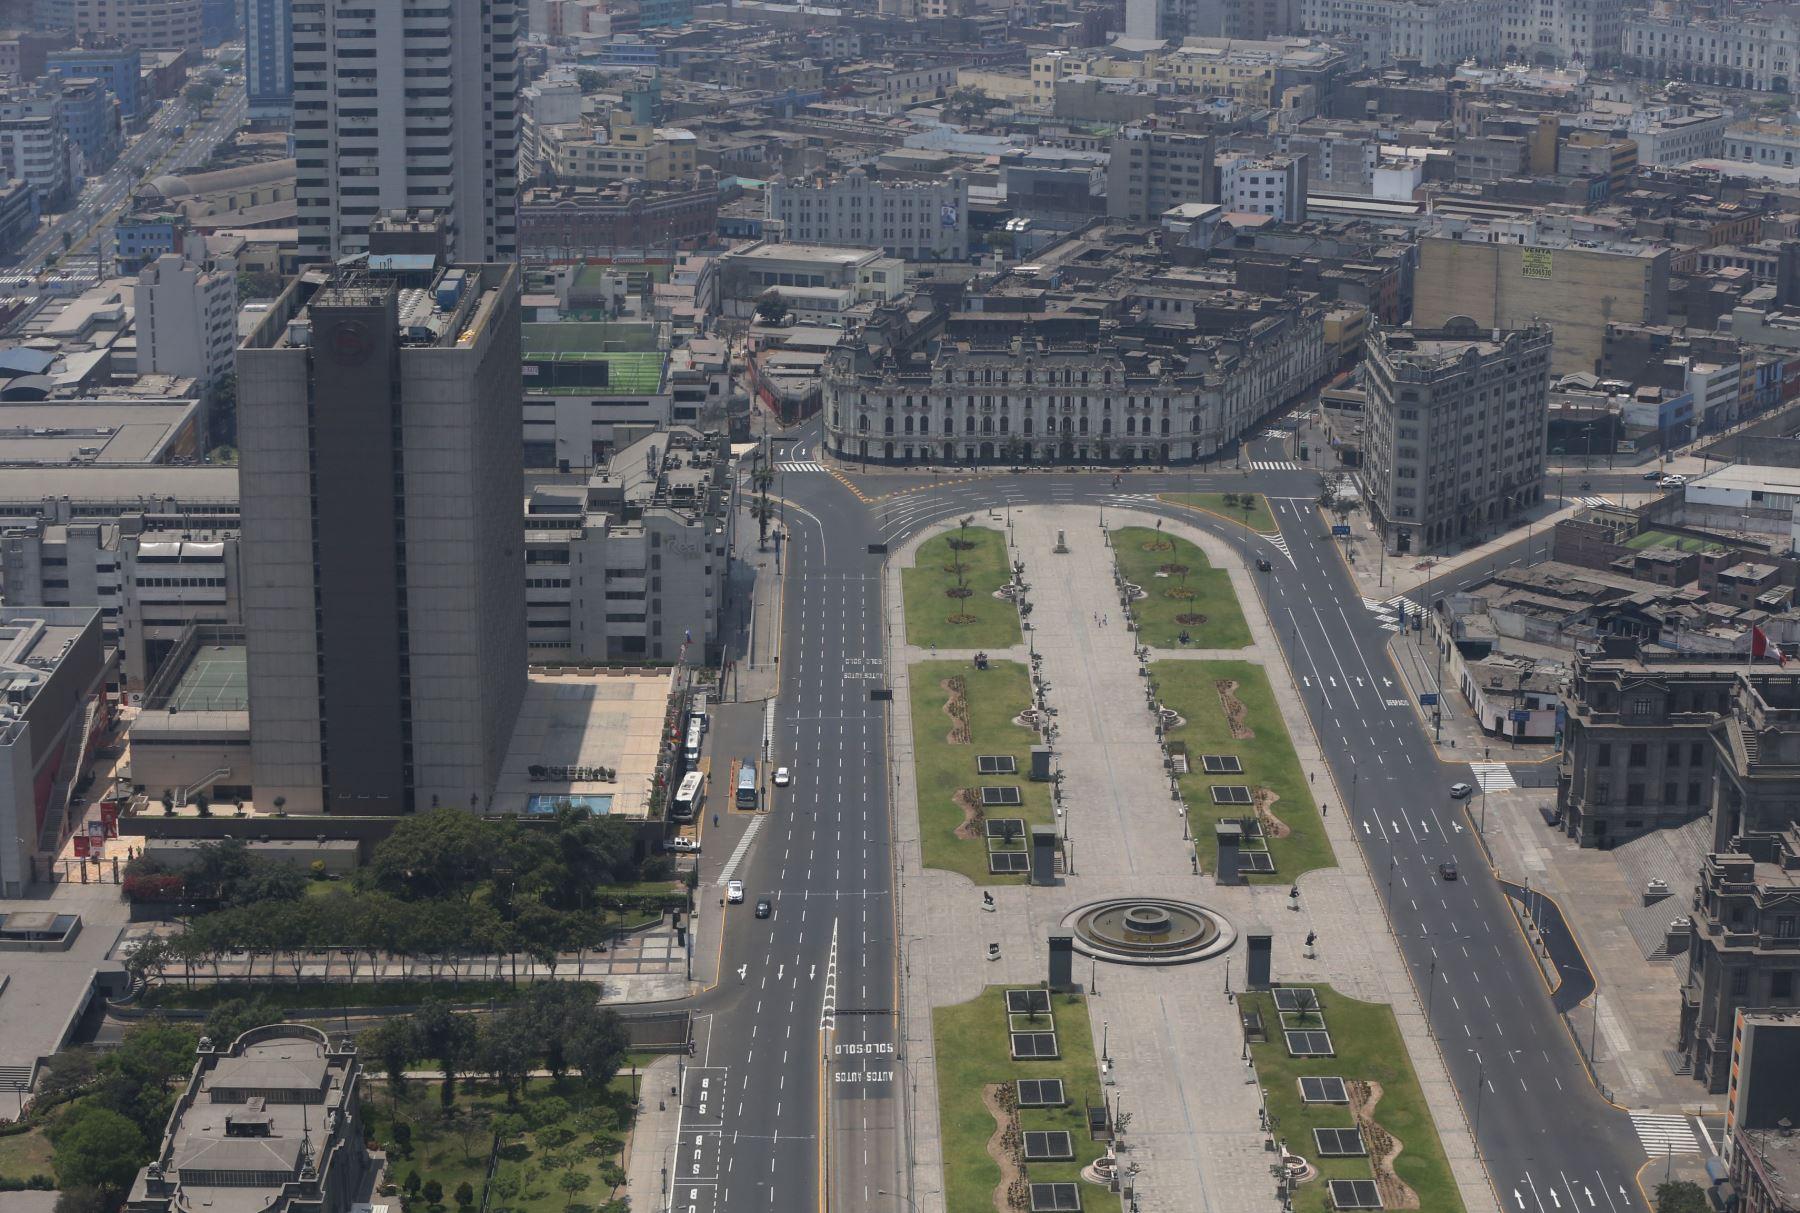 LIMA PERÚ, OCTUBRE 22. Vistas panoramicas de calles y plazas vacías de Lima durante el Censo Nacional 2017. Foto: ANDINA/ Jhony Laurente